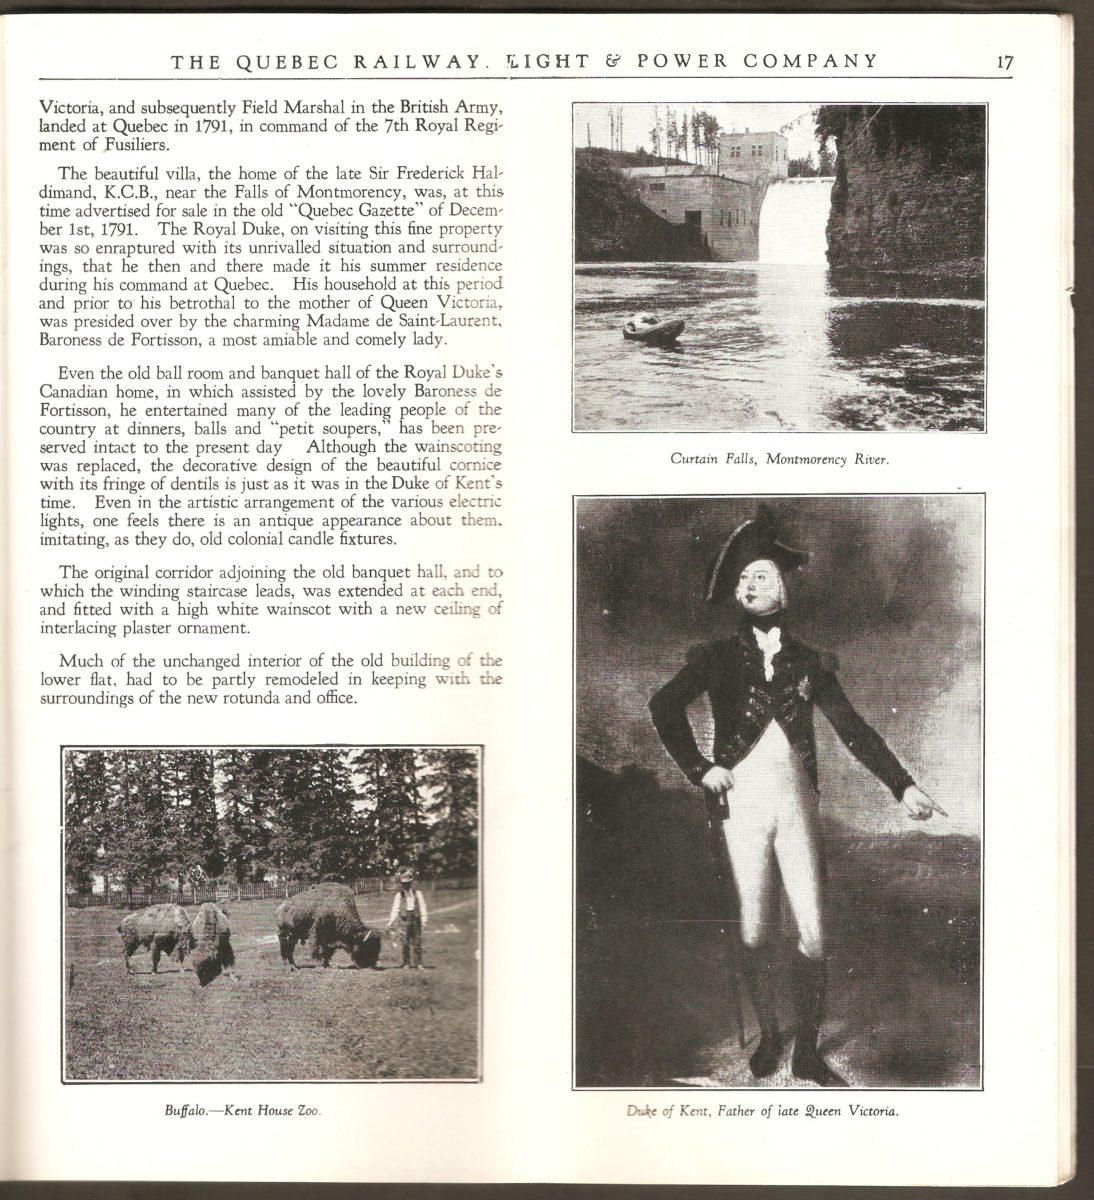 Troisième double page de la brochure de la Q.R.L.&P. consacrée au site de la chute Montmorency. Y figure, entre autres, une photographie de bisons du zoo Holt Renfrew.